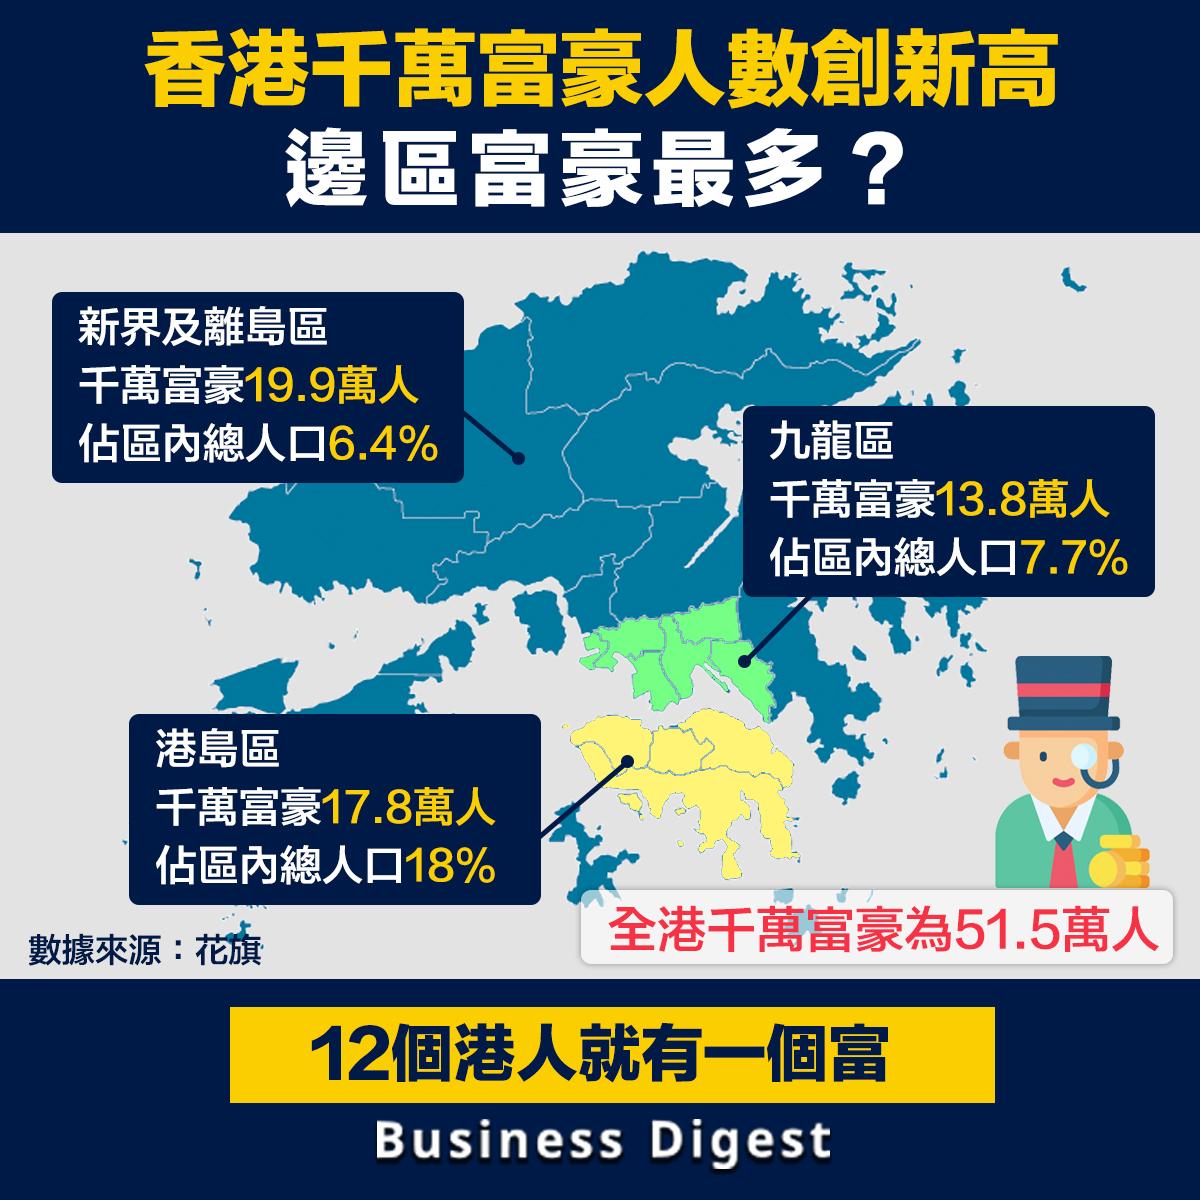 每12名香港人就有一位是千萬富豪